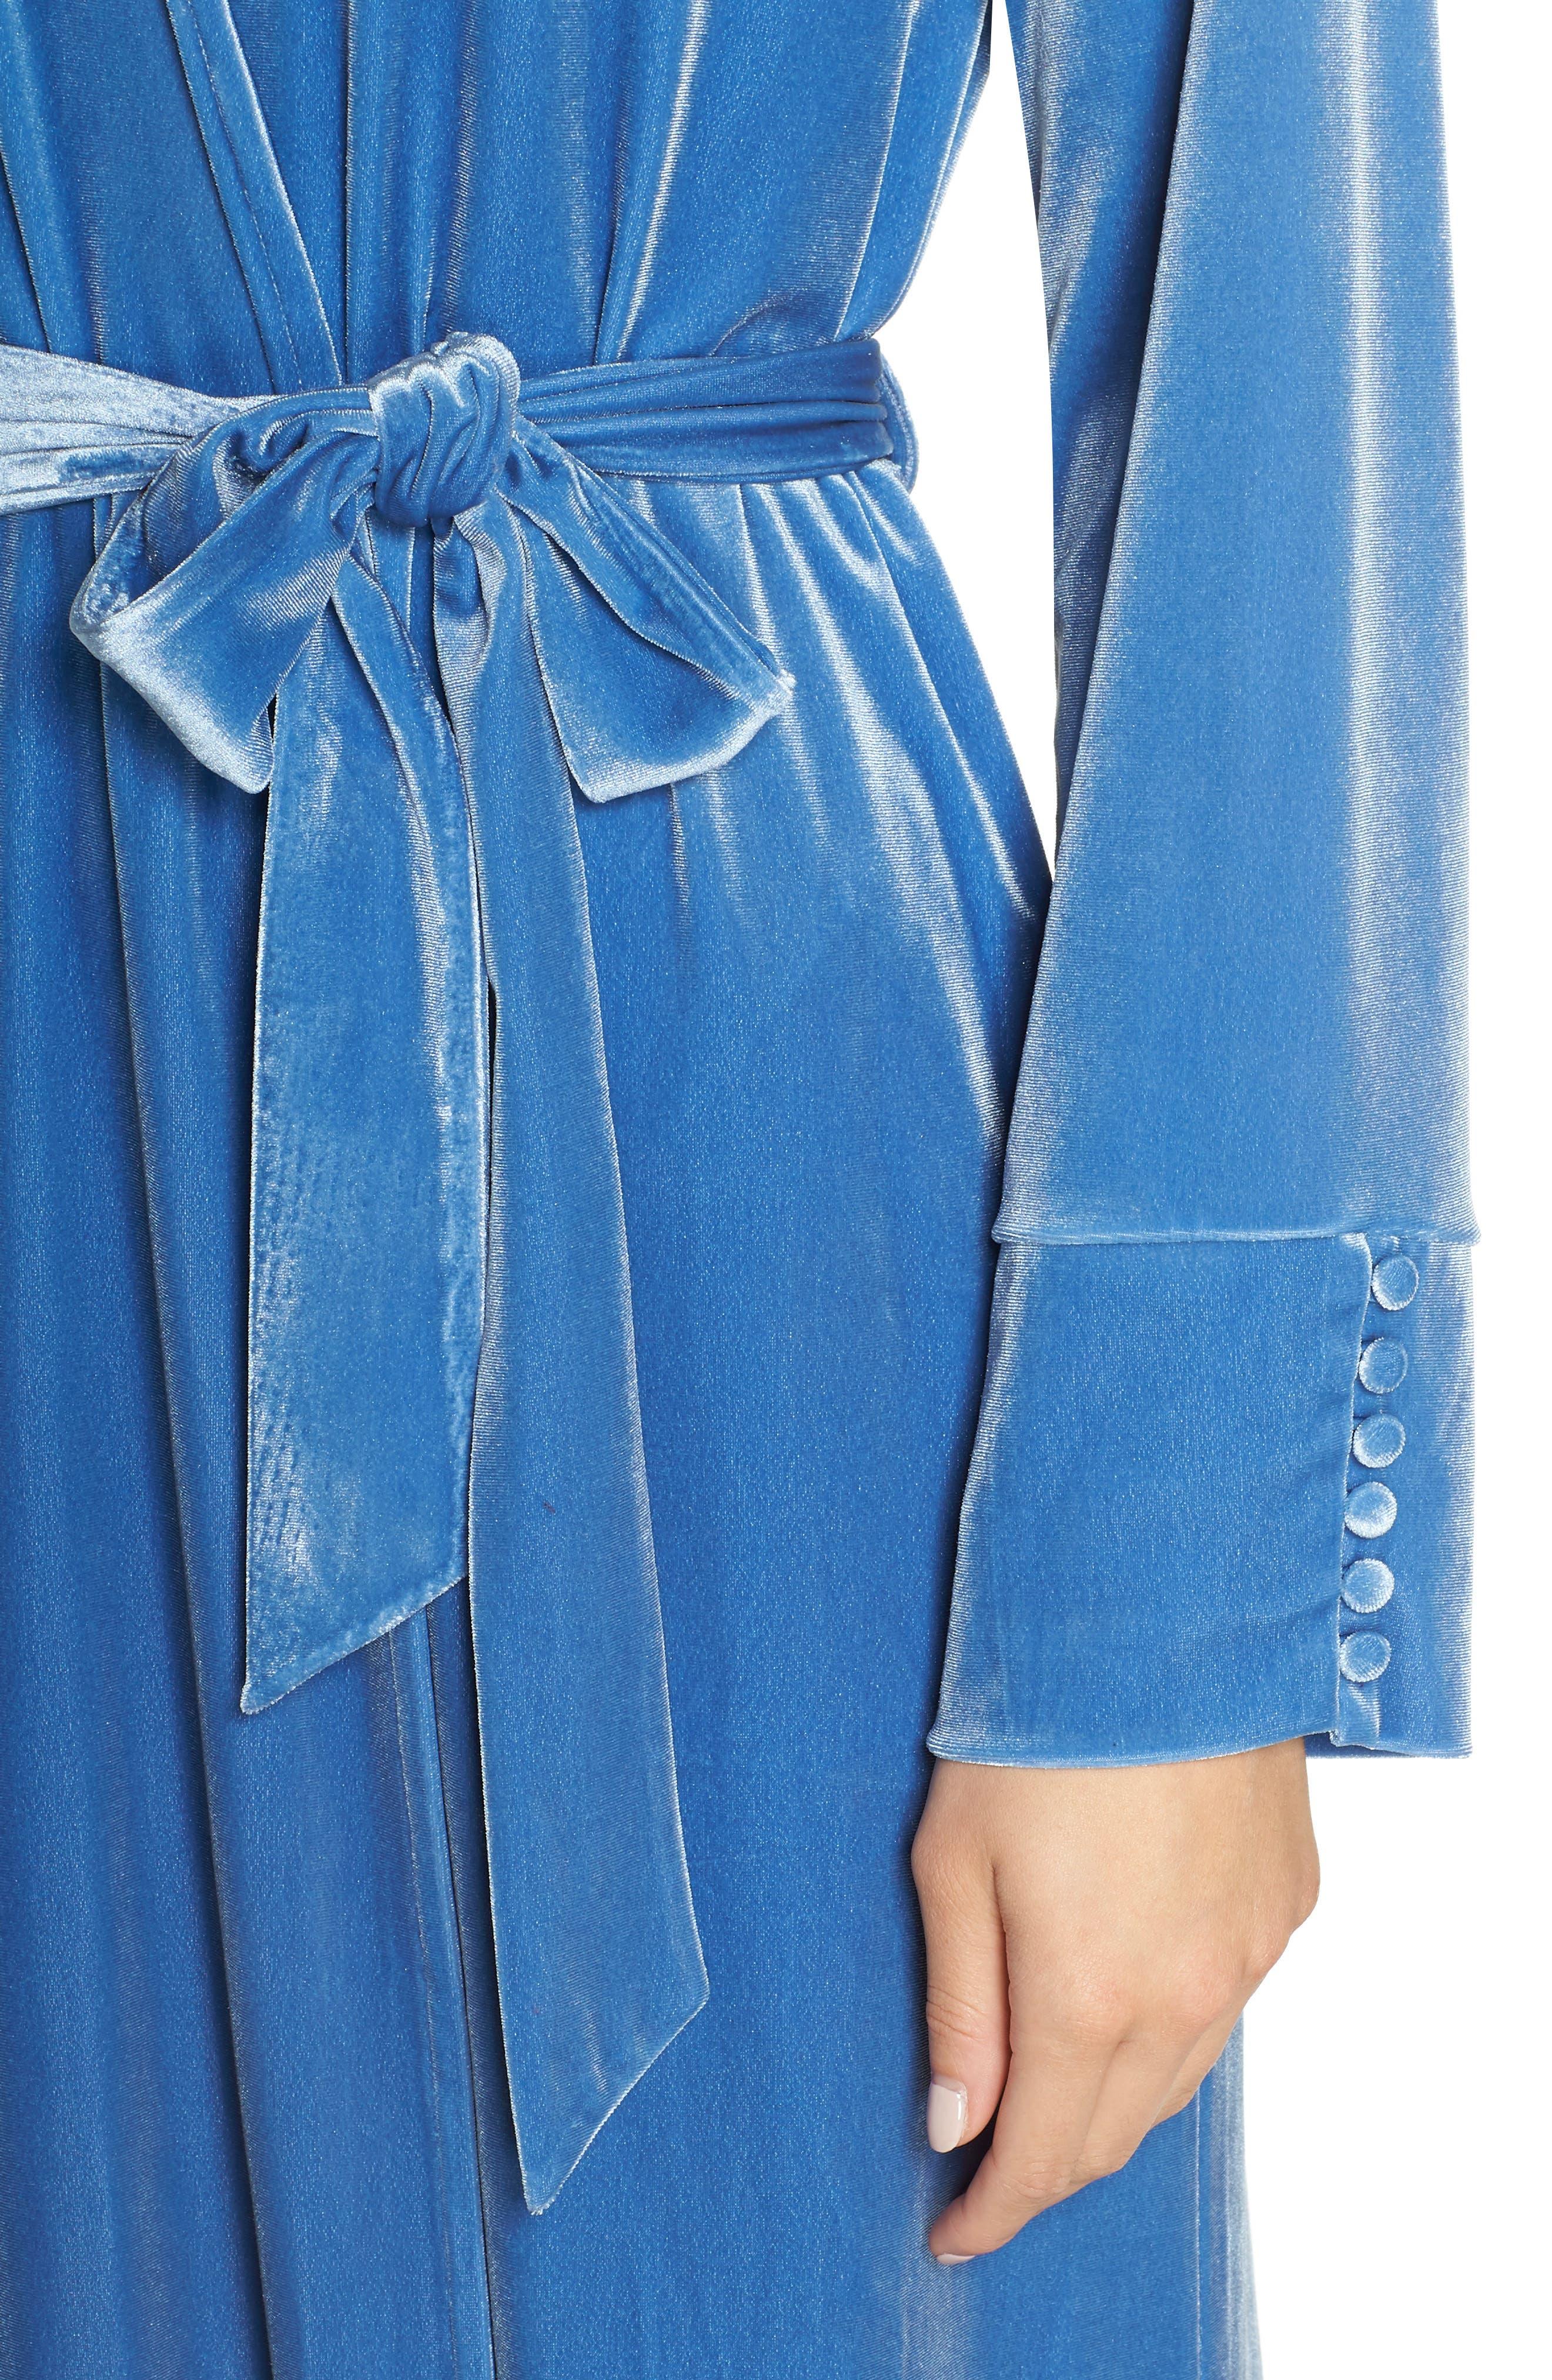 Dream Away Velour Robe,                             Alternate thumbnail 4, color,                             BLUE DELFT